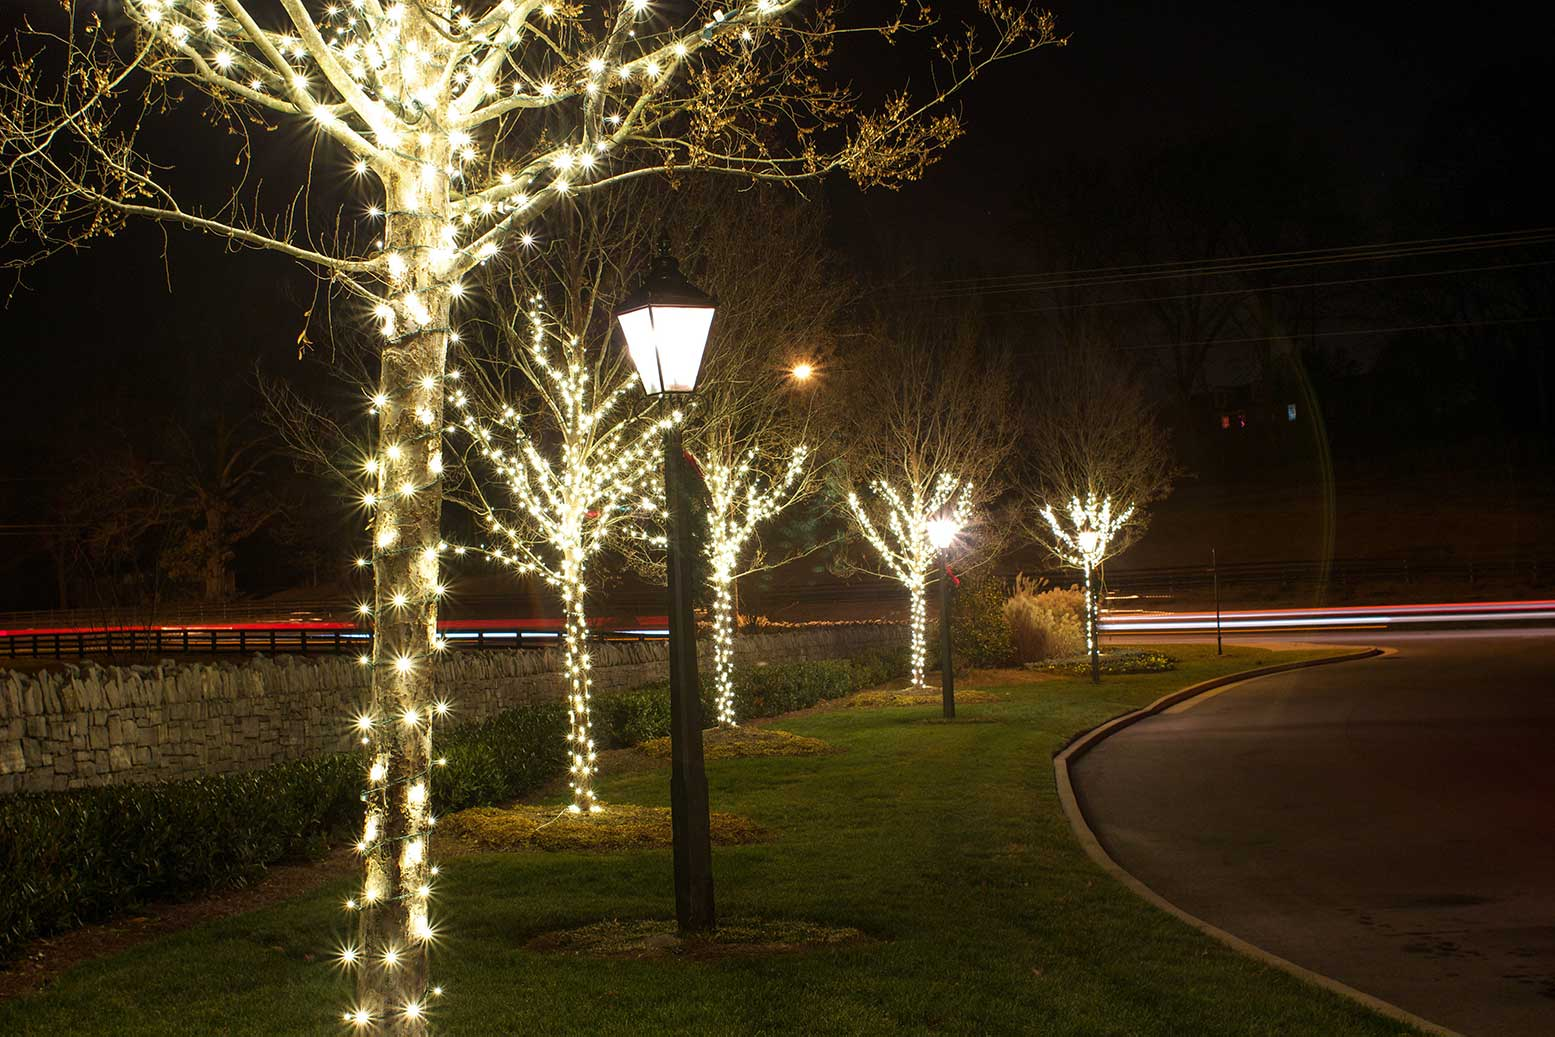 HOA entrance trees lit